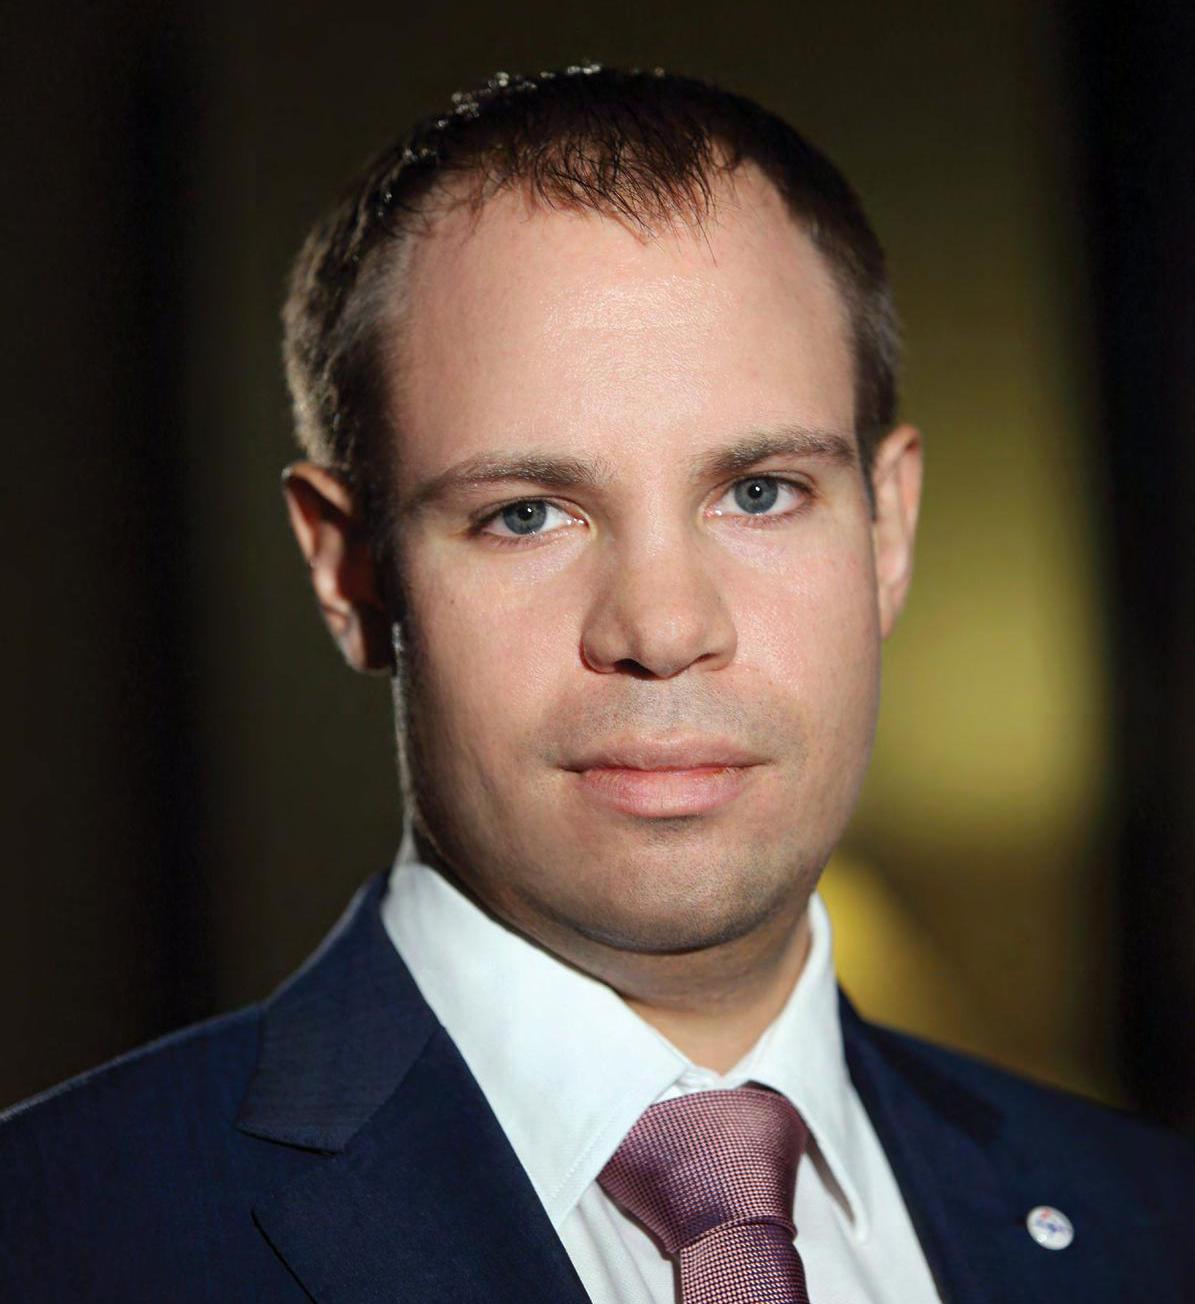 Вячеслав Трактовенко, региональный координатор «Клуба лидеров» в Санкт-Петербурге и Ленинградской области